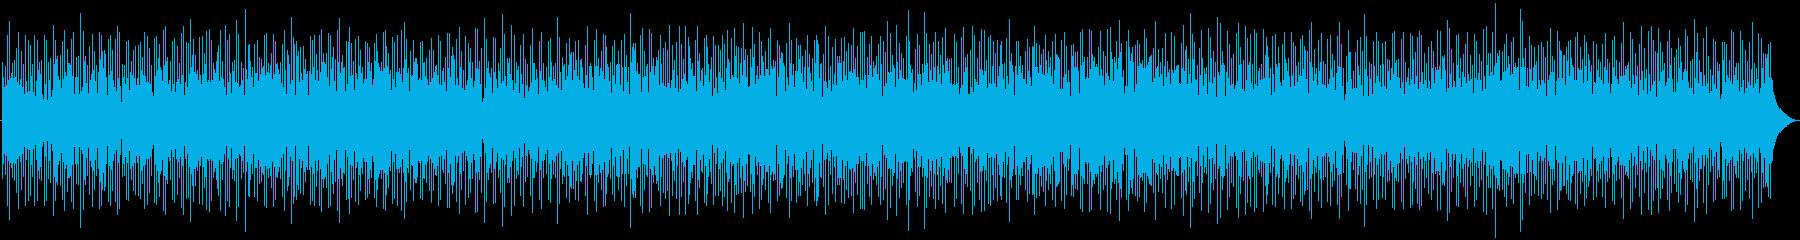 超速いジャズサンバの再生済みの波形